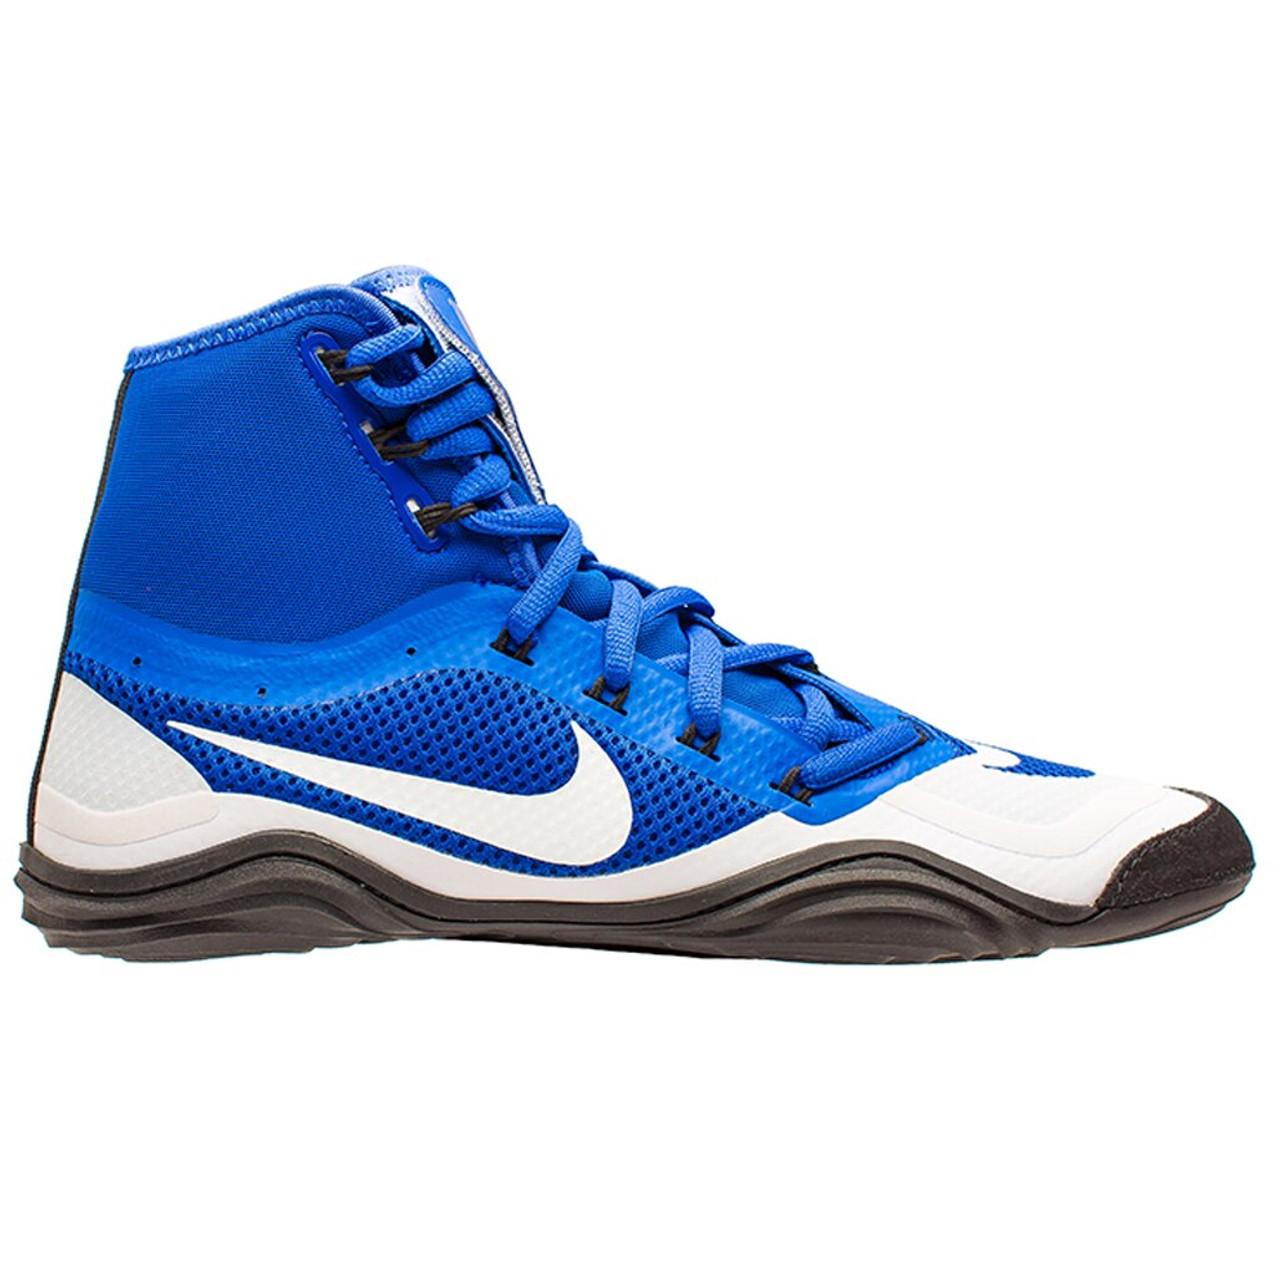 Nike Hypersweep Wrestling Shoe - Royal